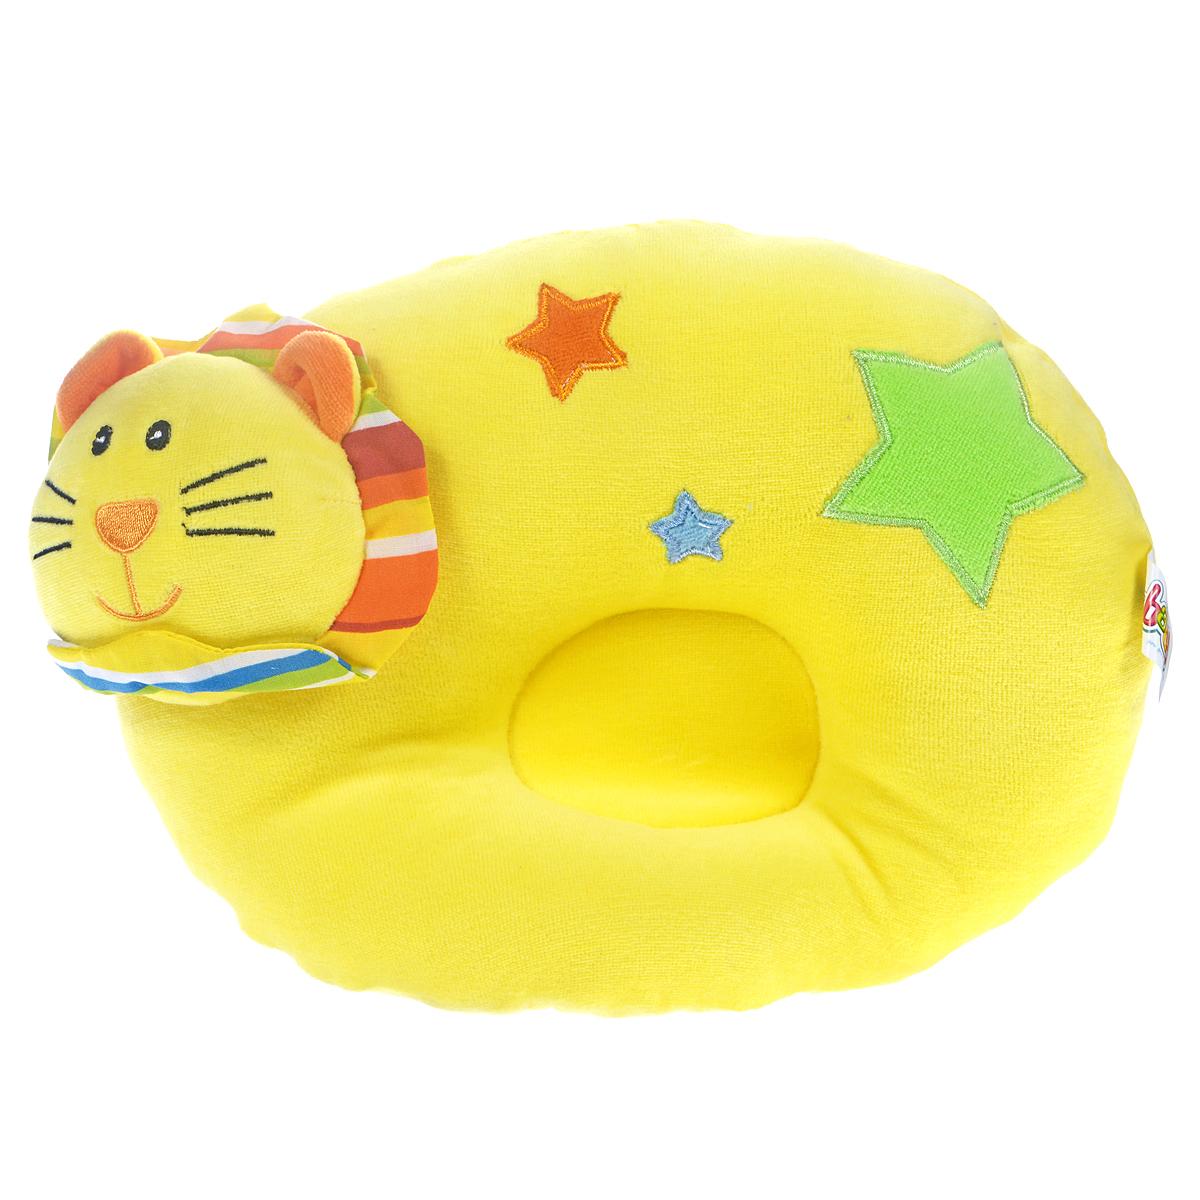 WSBD World Детская подушка Лев цвет желтыйB-10031Очаровательная мягкая подушка Лев выполнена из мягких материалов в виде симпатичного желтого льва. Необычайно мягкая и приятная на ощупь, она может использоваться также в качестве сиденья. Такая игрушка-подушка станет отличным аксессуаром для детской комнаты.